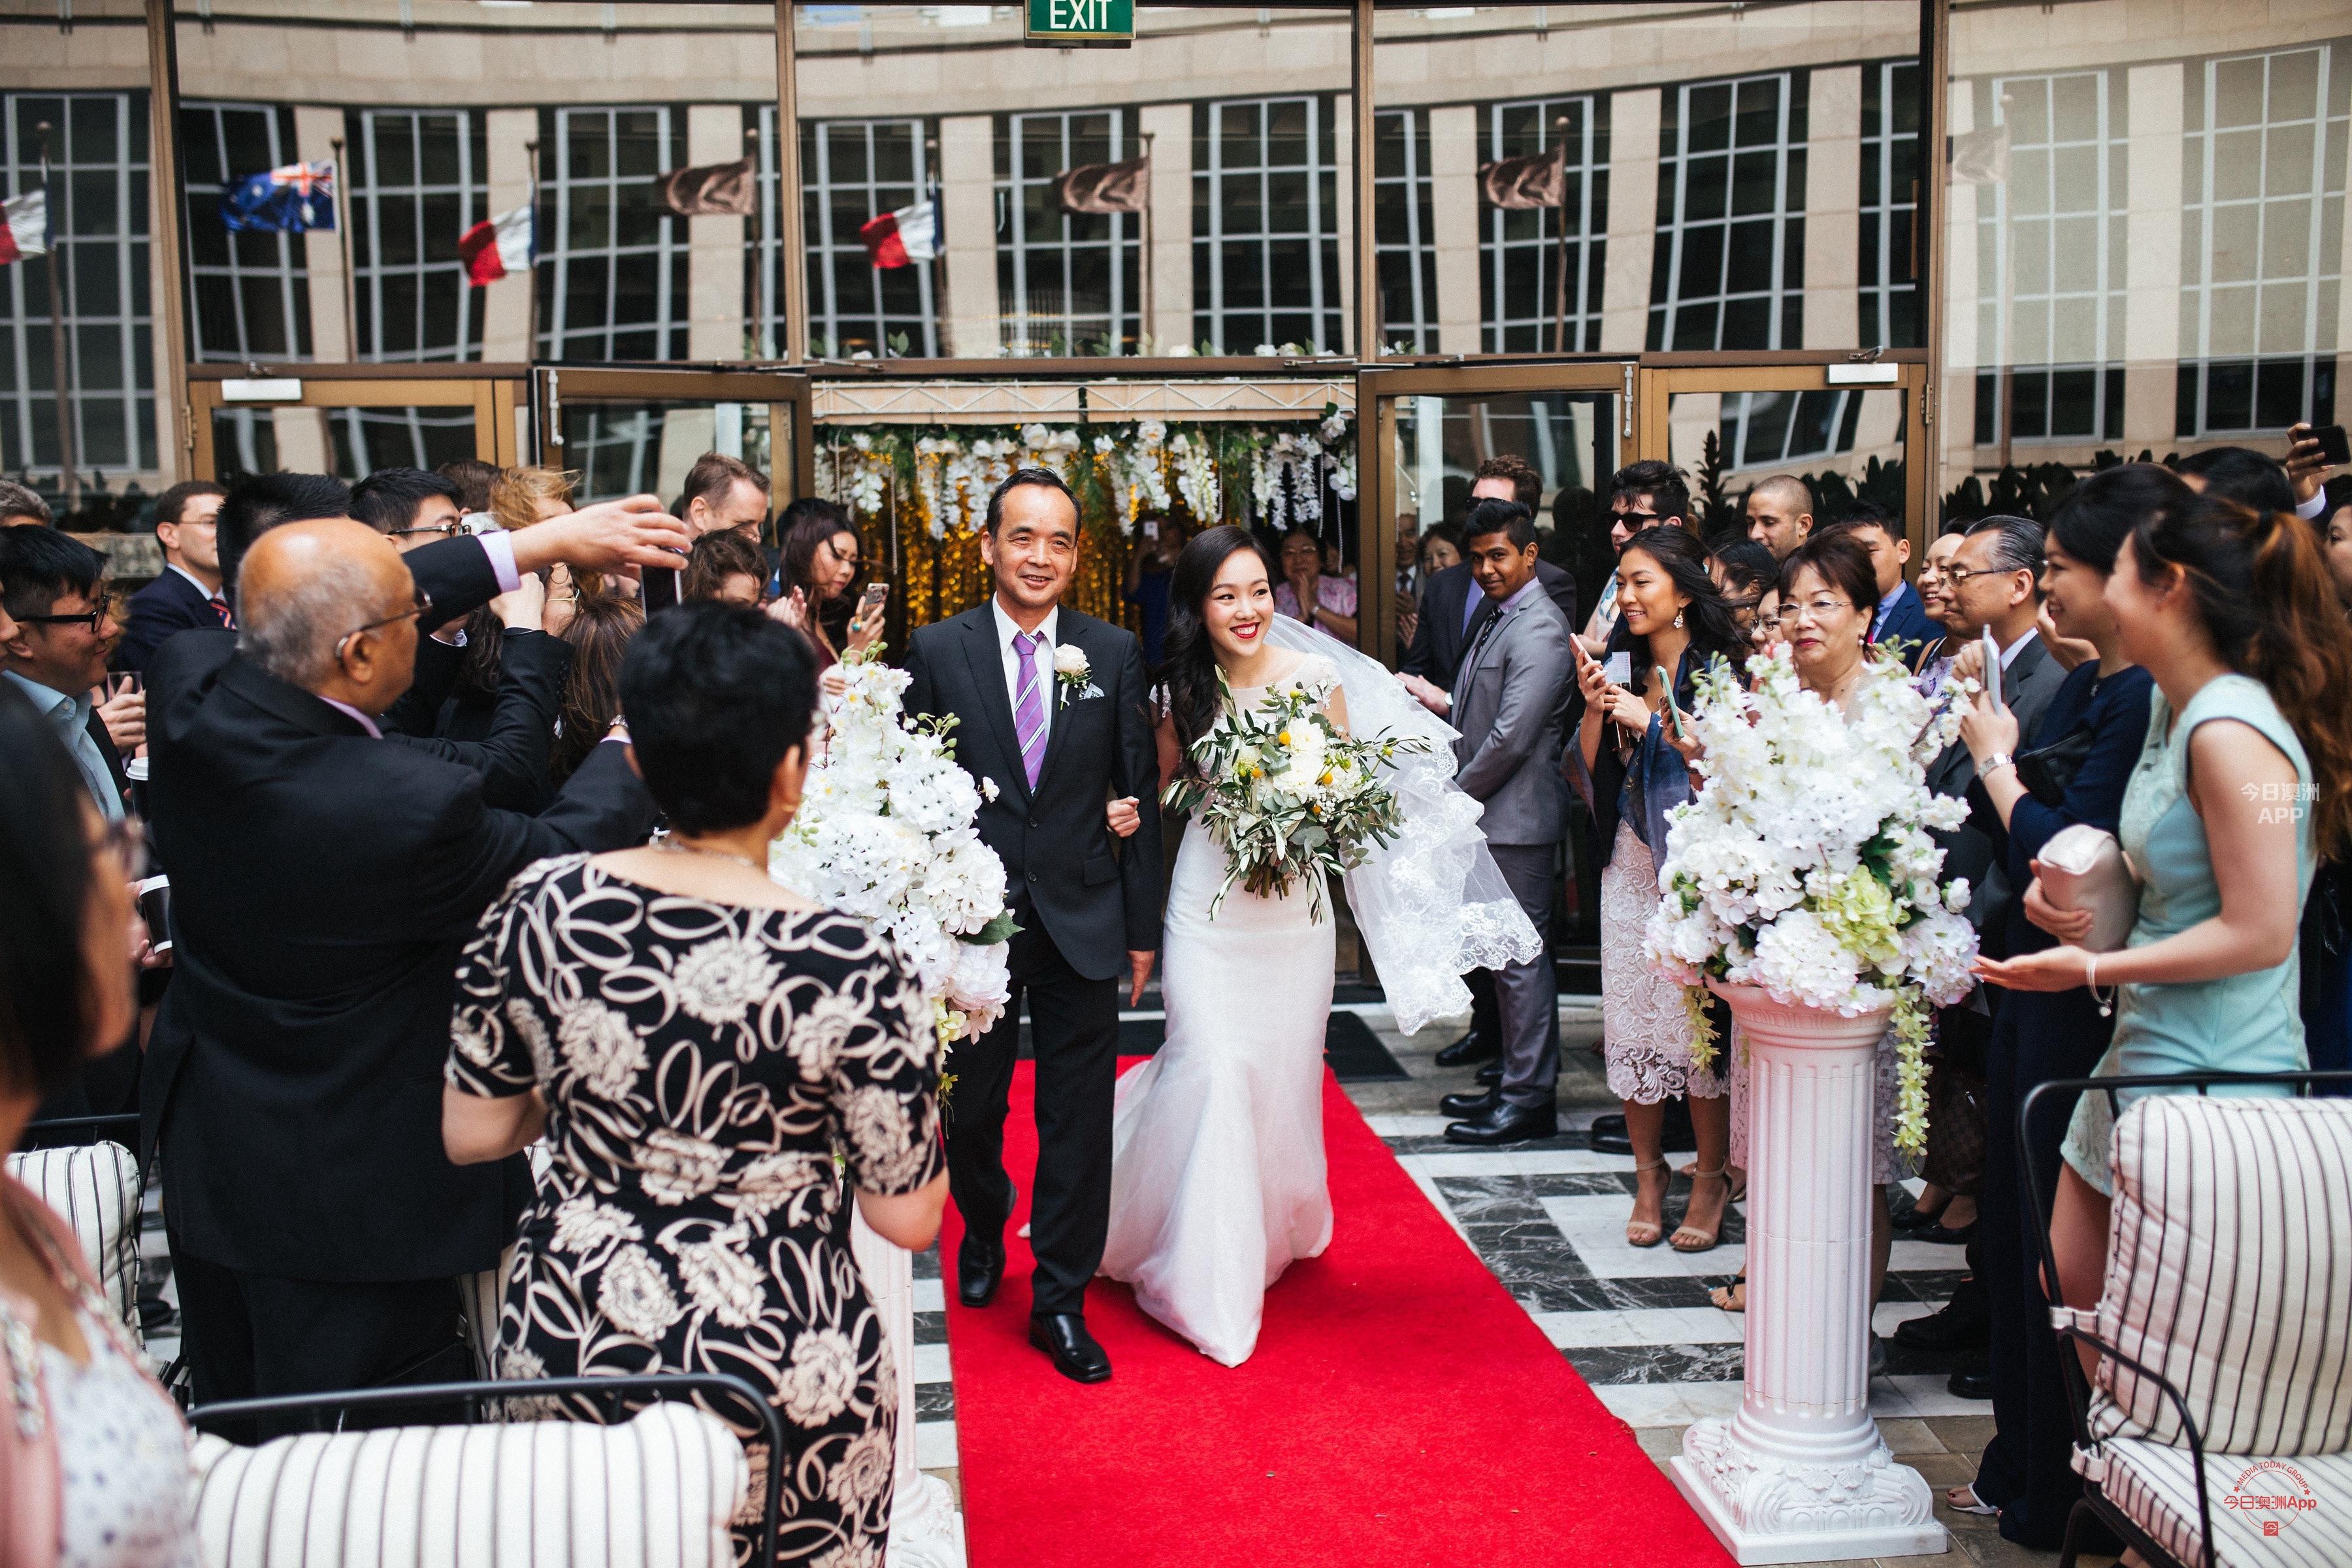 澳大利亞婚姻登記悉尼双语女注册官